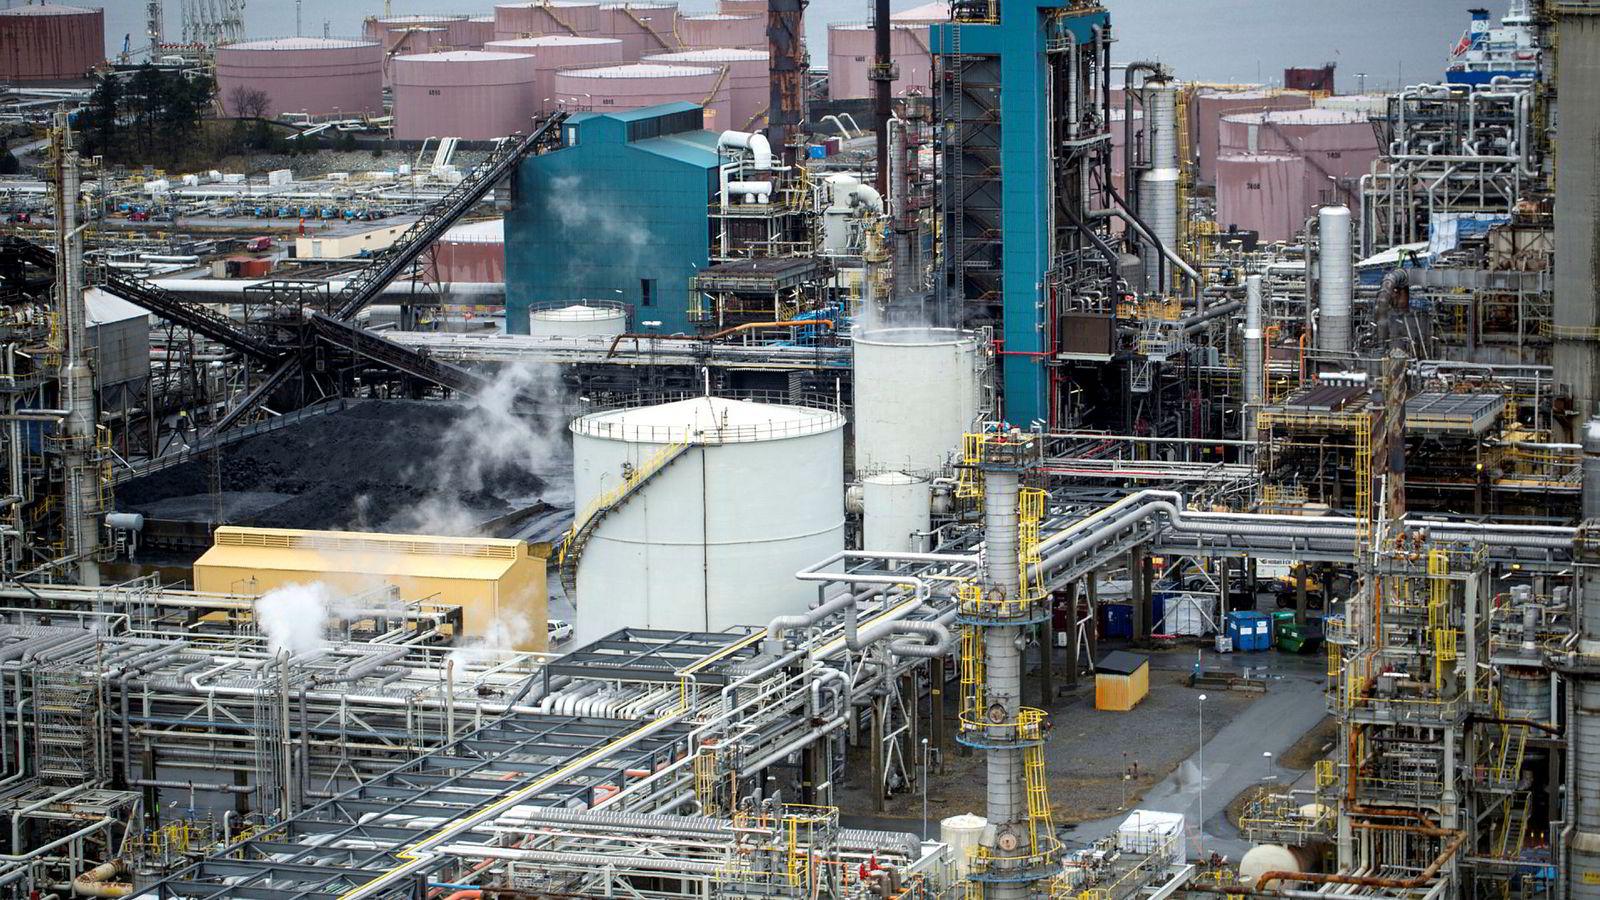 Avbildet er oljeselskapet Statoil oljeraffineri på Mongstad. Oljeraffineriene bidro til økningen i norsk industri den siste tiden.